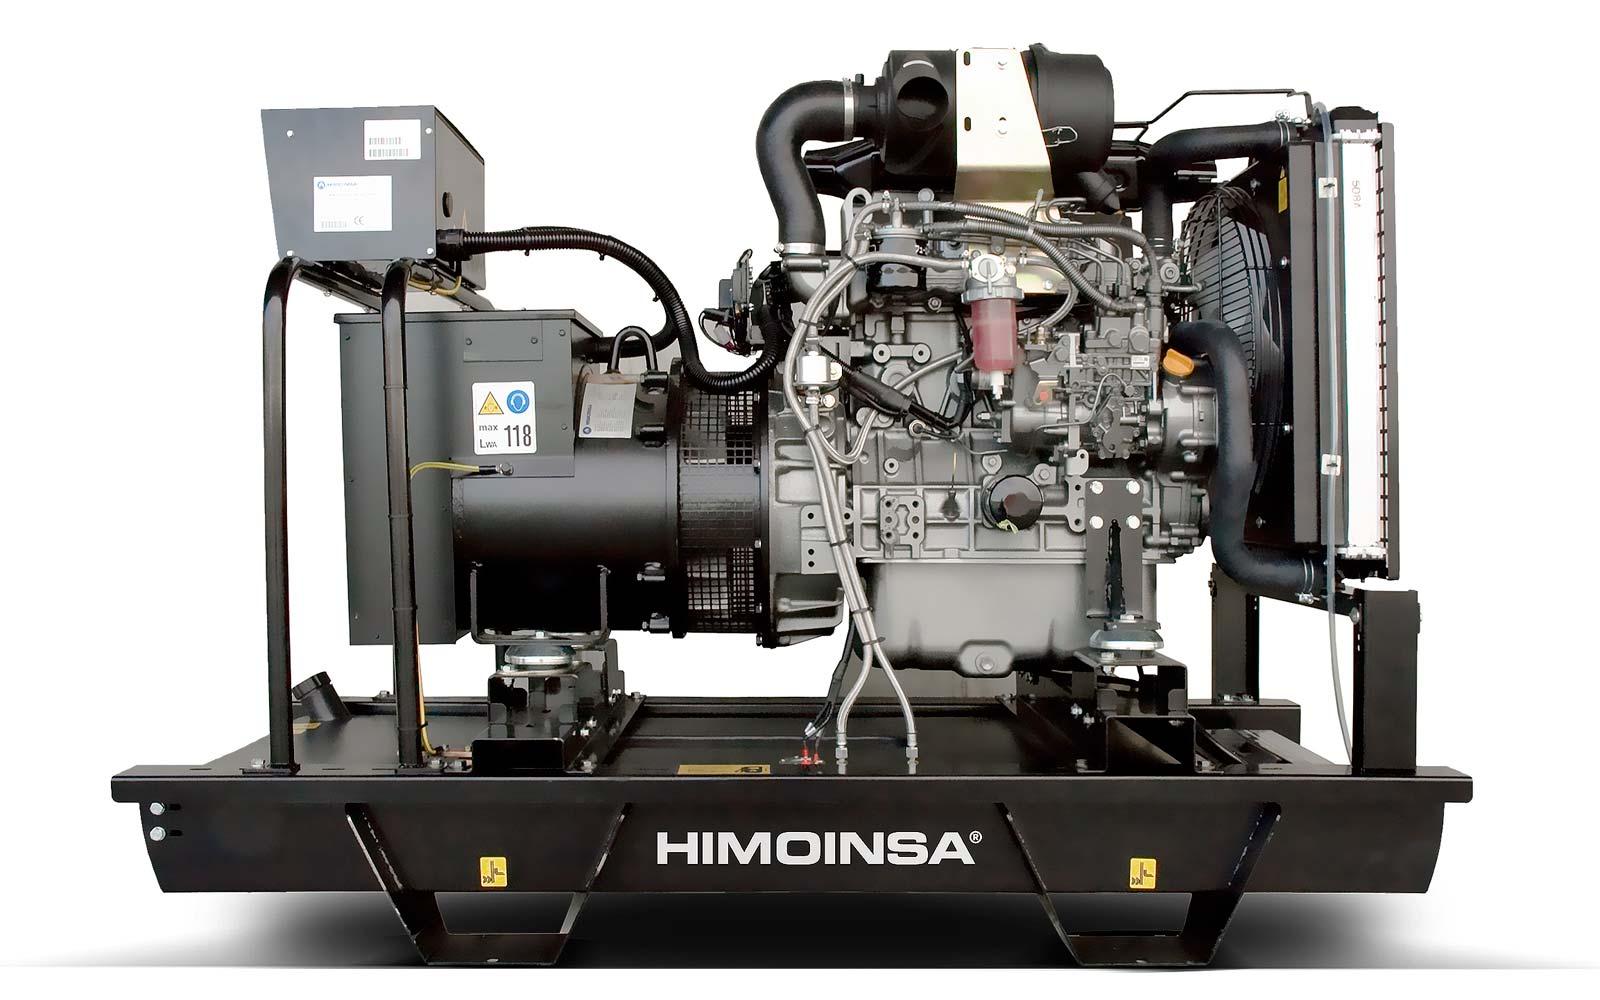 дизельная электростанция himoinsa hyw-20 m5